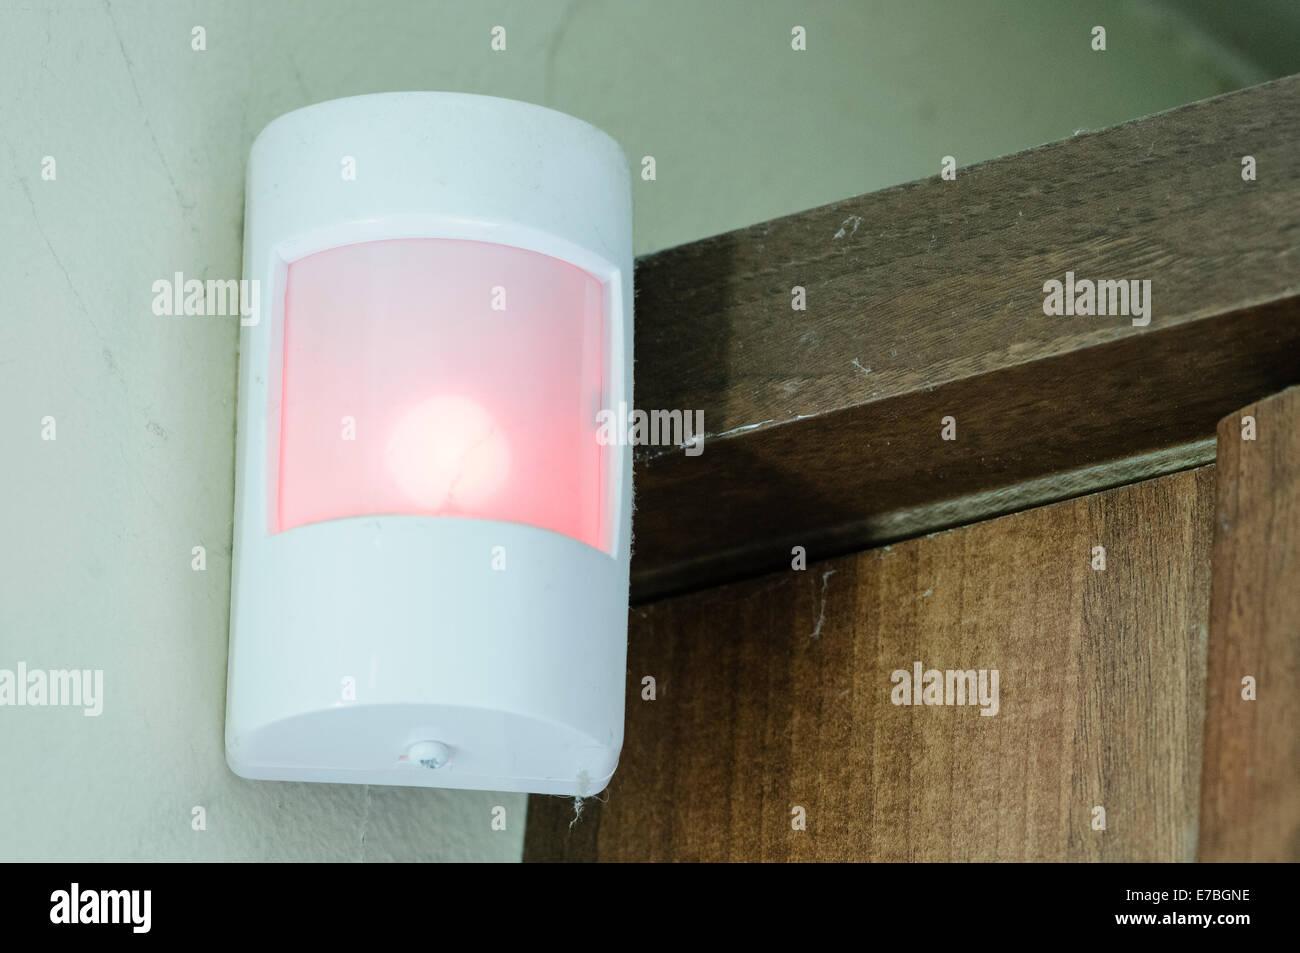 Un Infrarouge passif (IRP) détecteur dans le cadre d'un système d'alarme à la personne Photo Stock